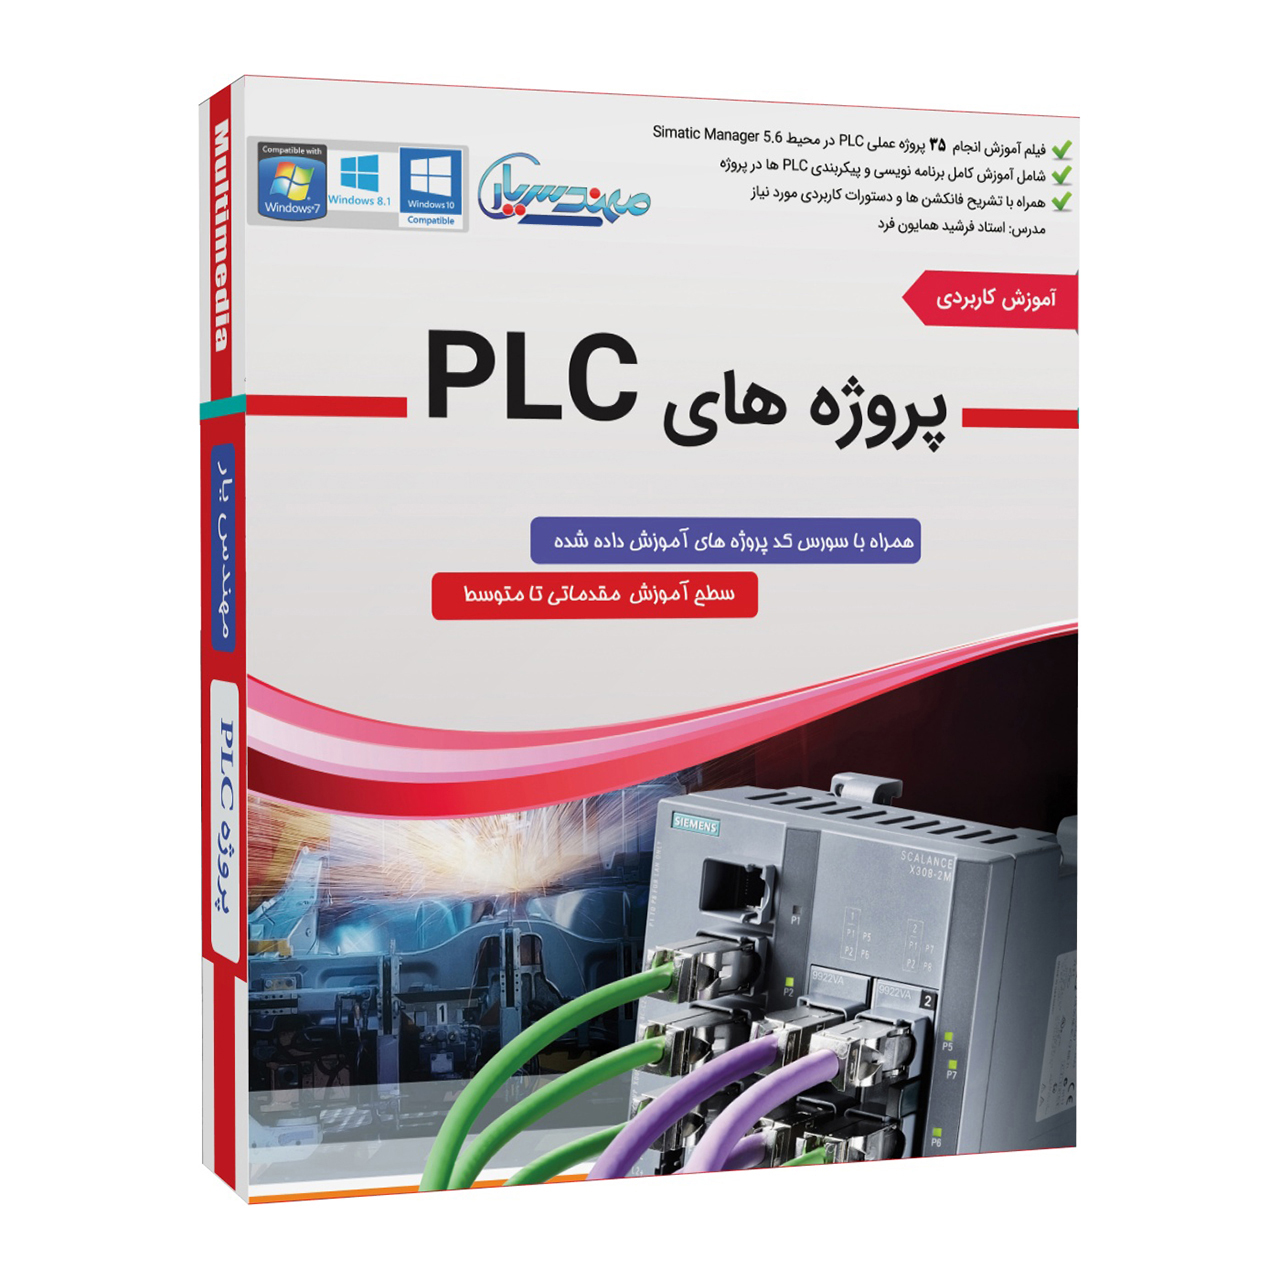 نرم افزار آموزش پروژه های PLC نشر مهندس یار